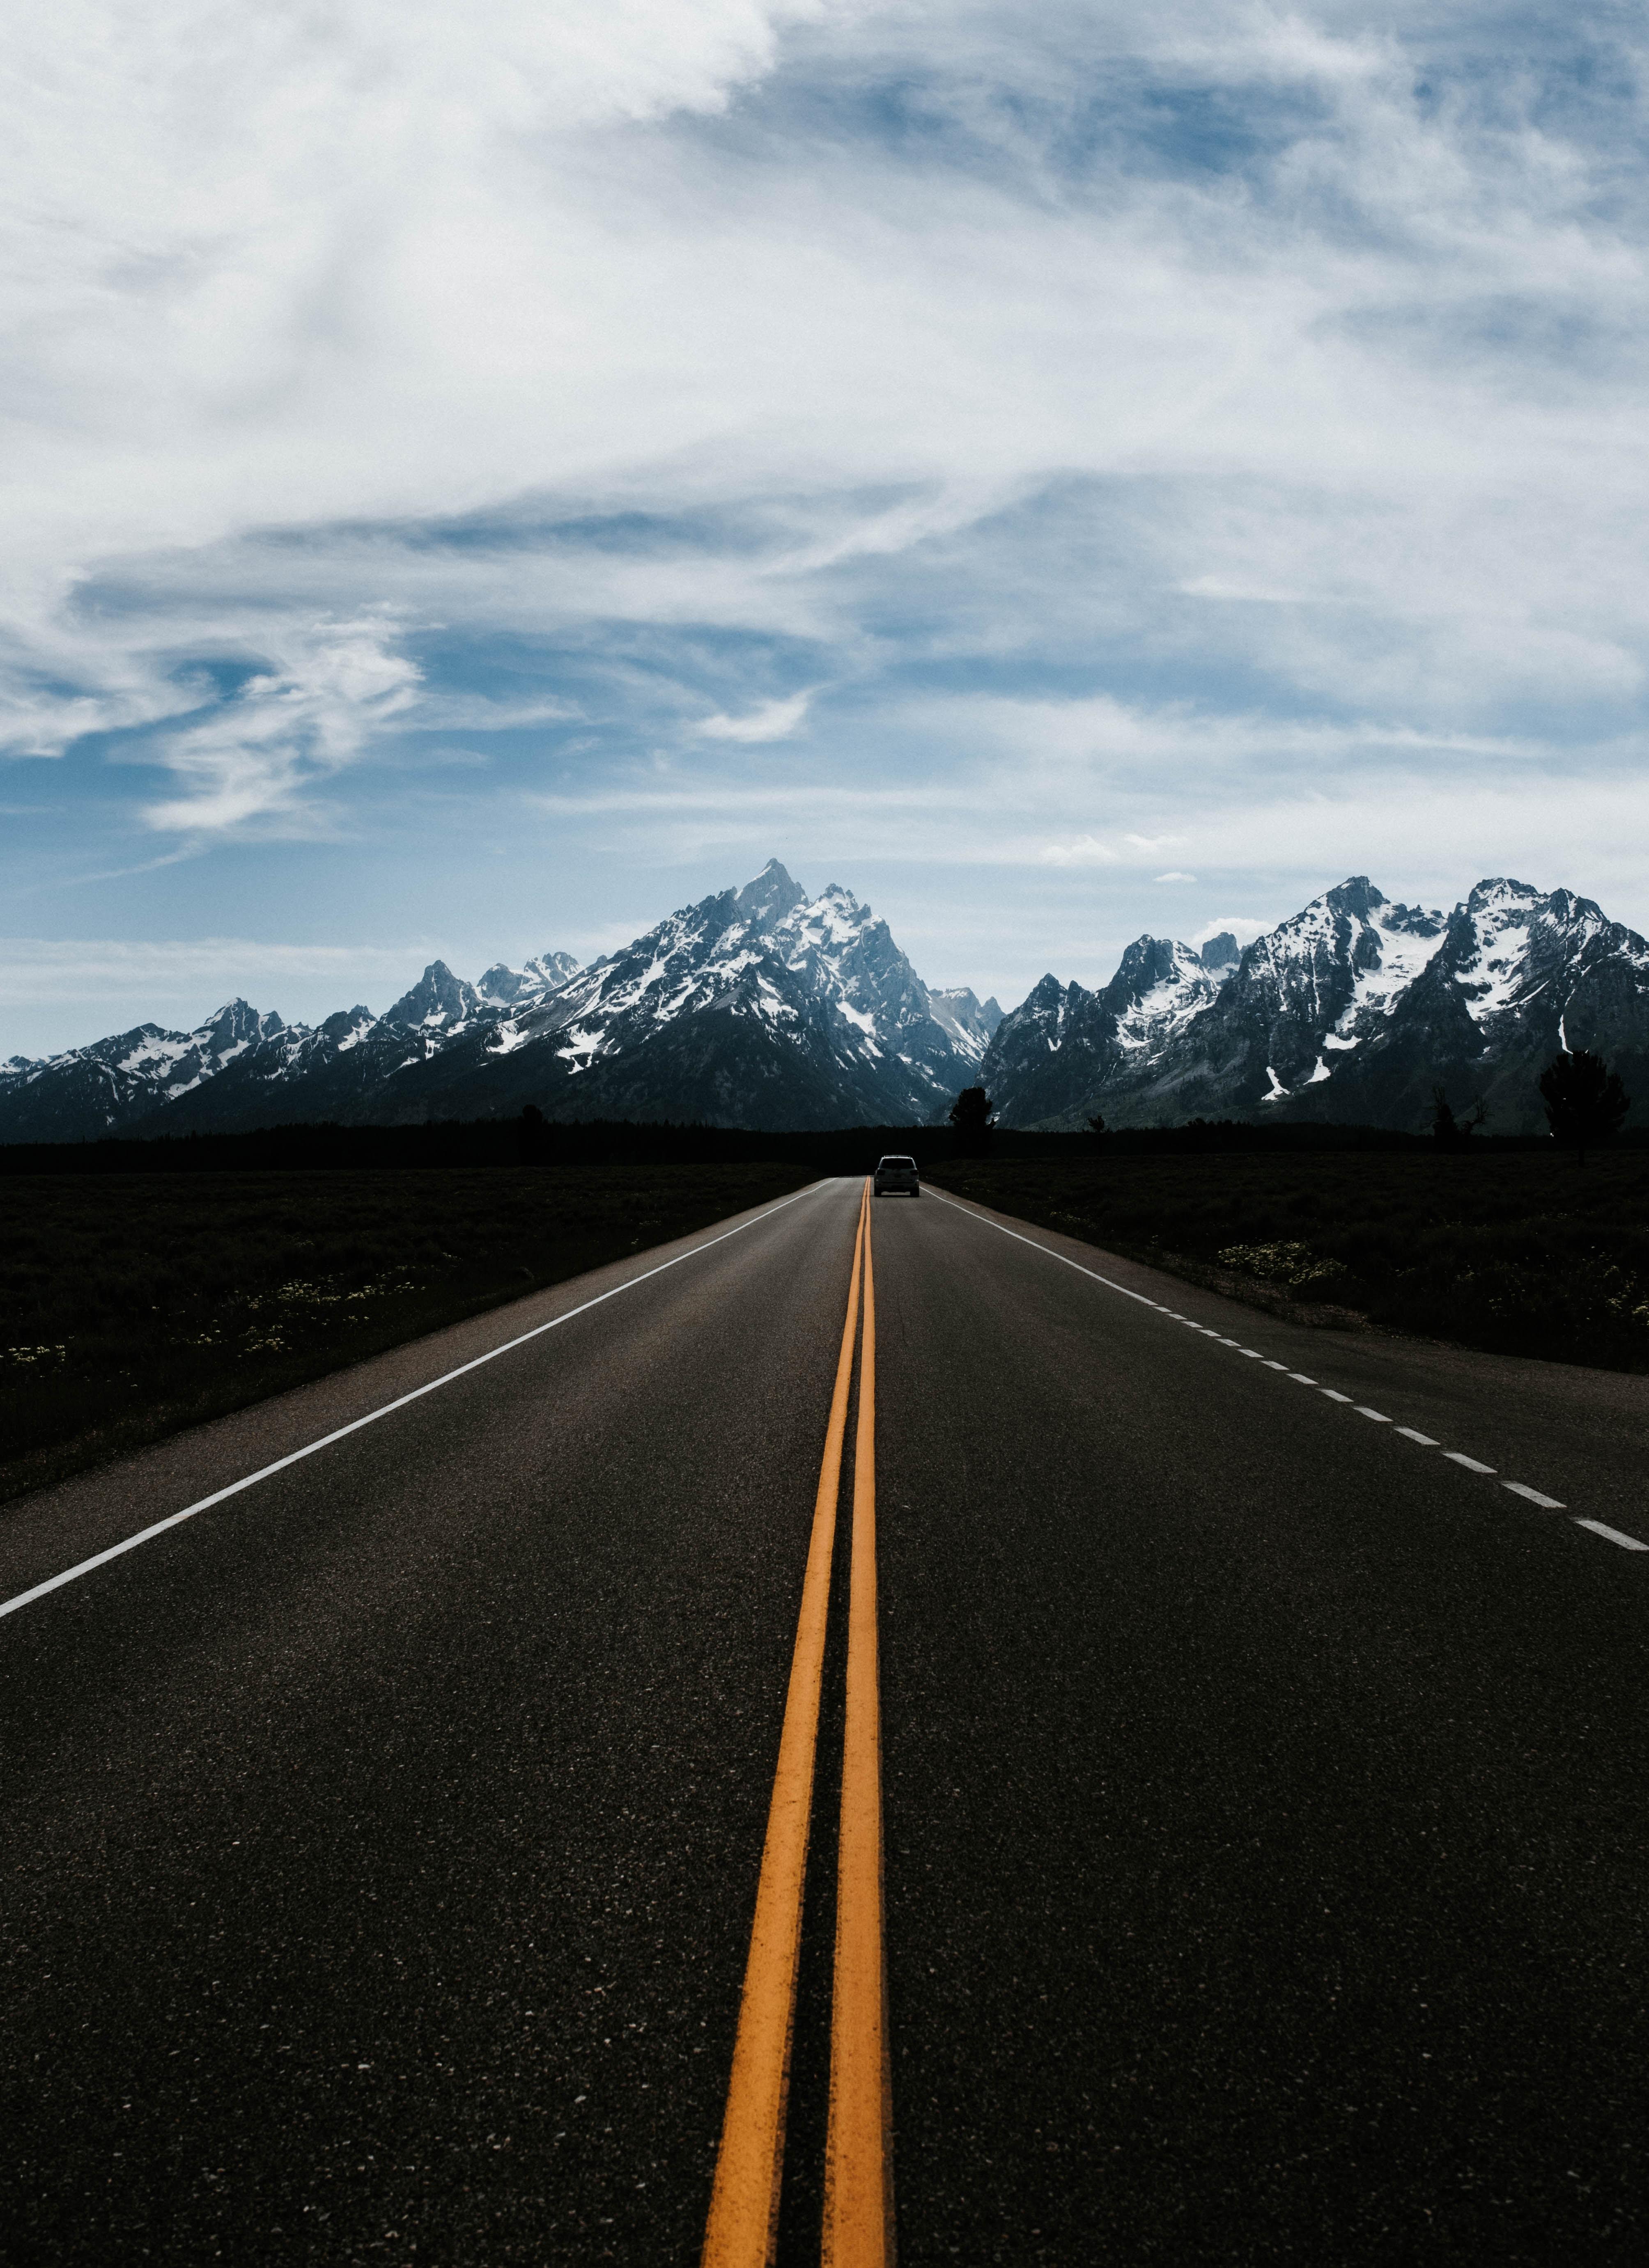 Fondos de pantalla : montañas, la carretera, calificación ...